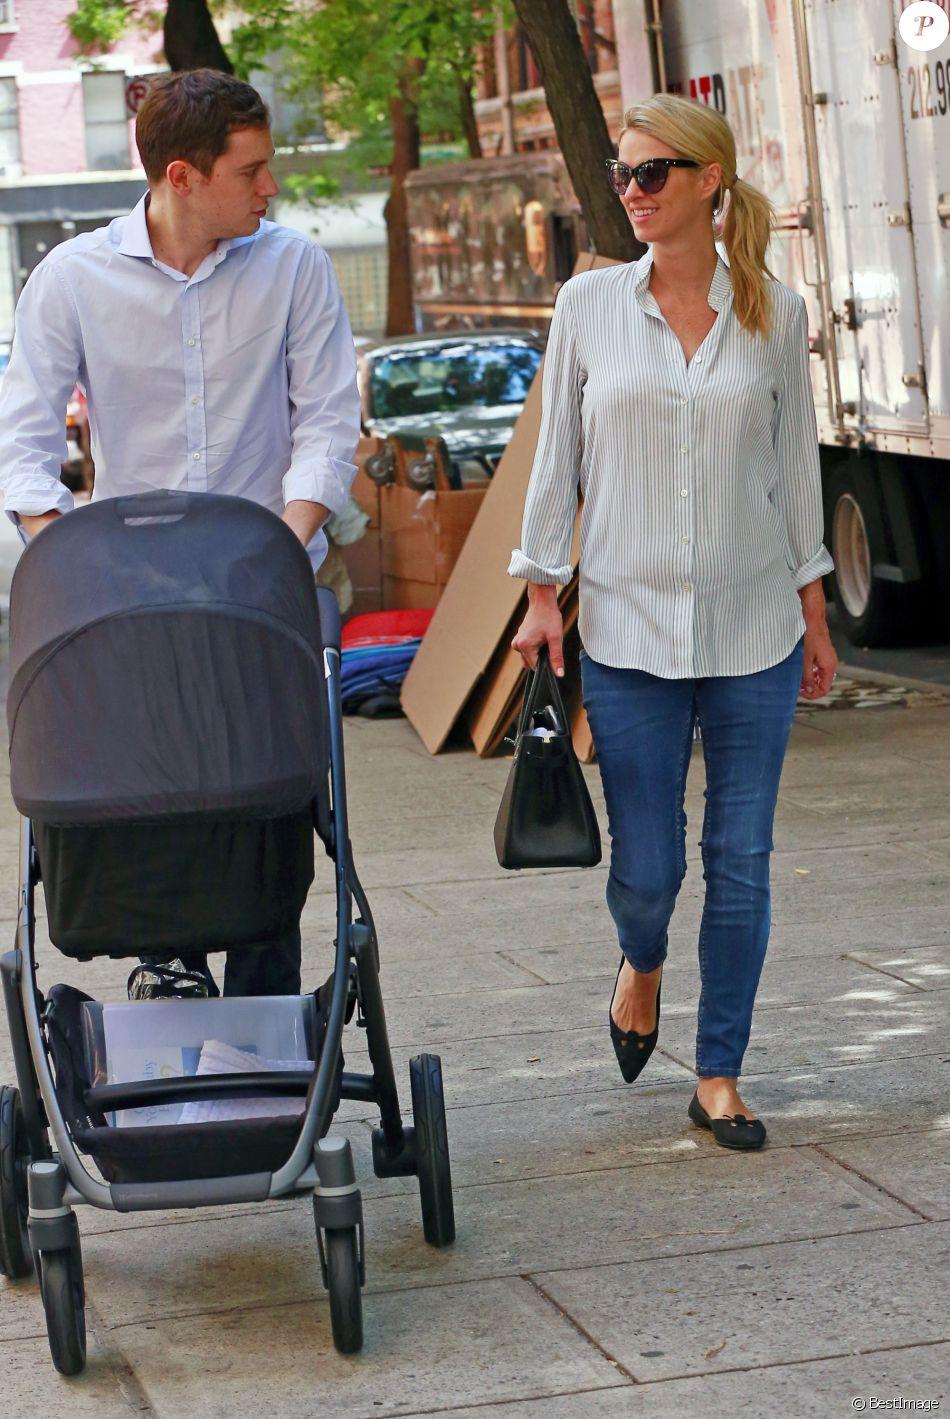 Les jeunes parents Nicky Hilton, son mari James Rothschild et leur fille Lily-Grace se promènent à New York, le 11 juillet 2016, quelques jours après la naissance de leur bébé.11/07/2016 - New York